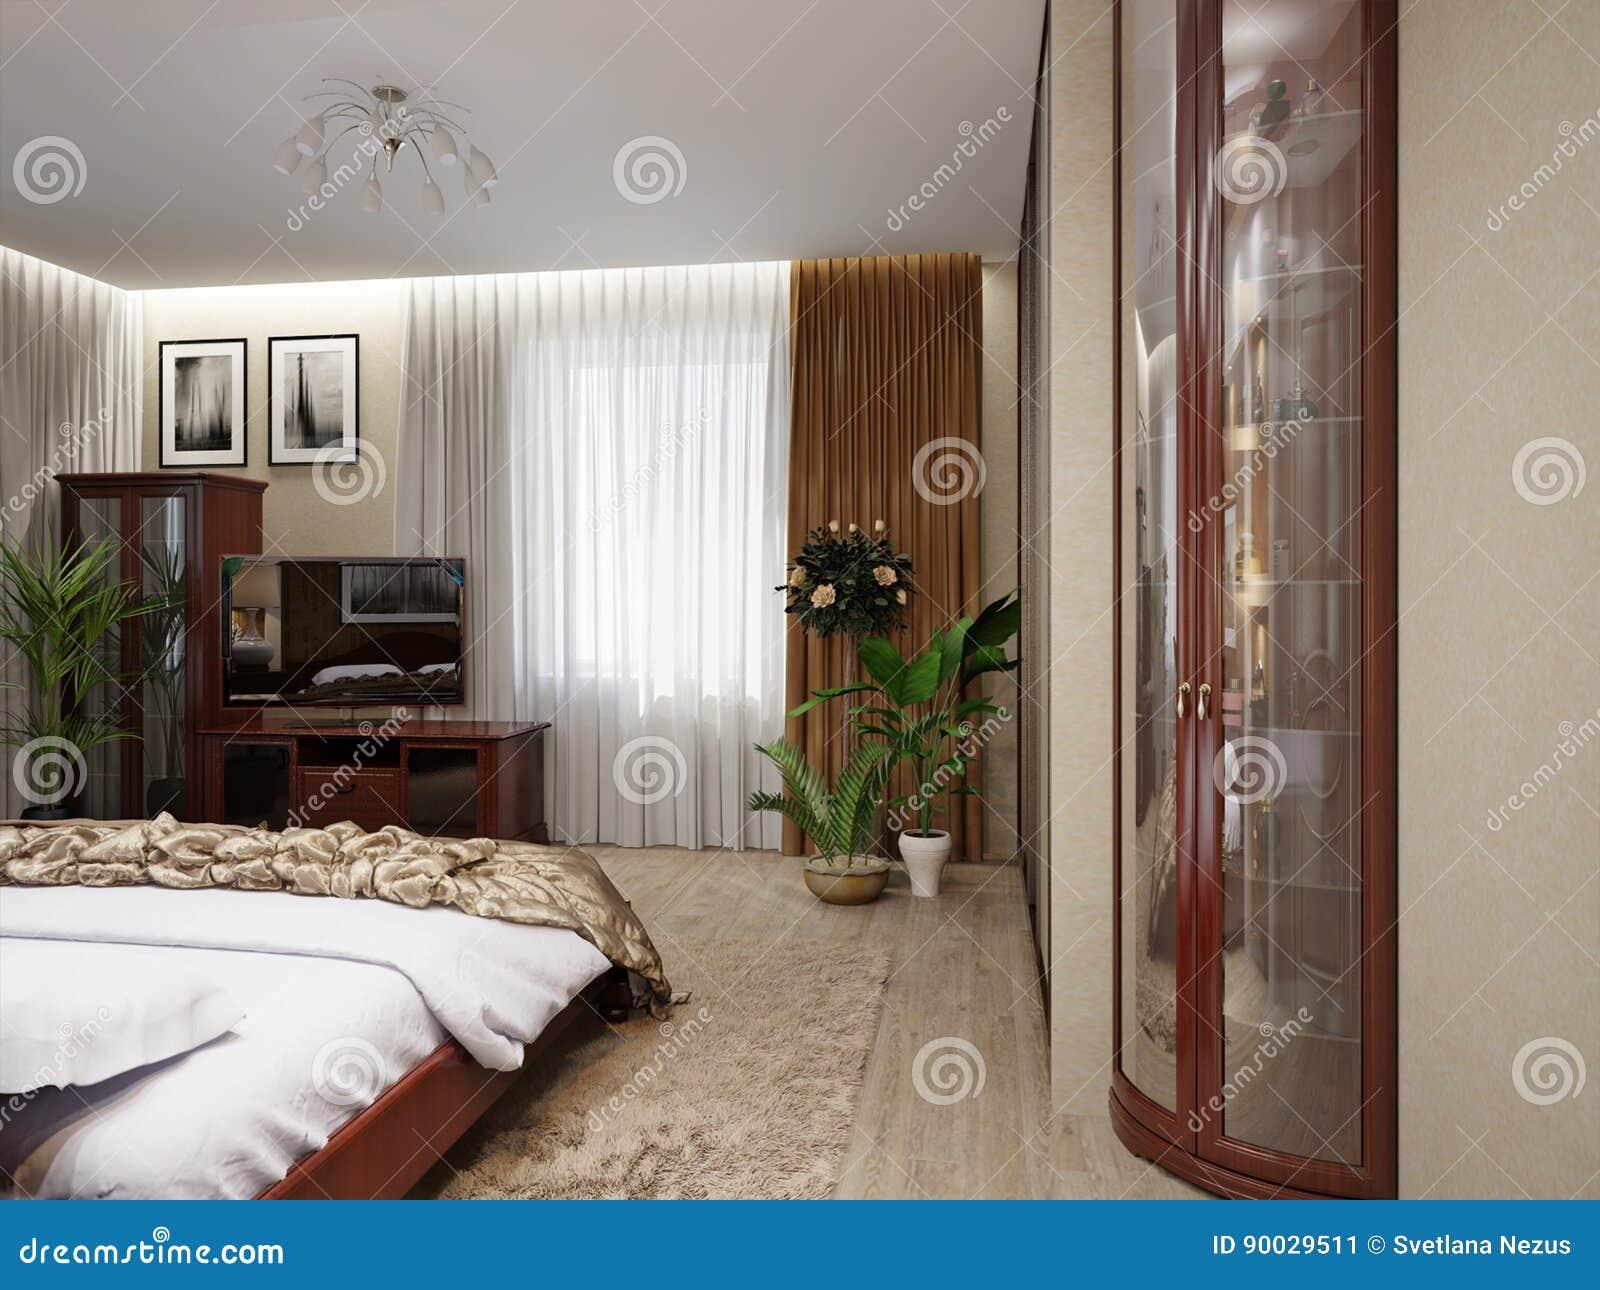 Interior design classico moderno della camera da letto for Design della camera da letto